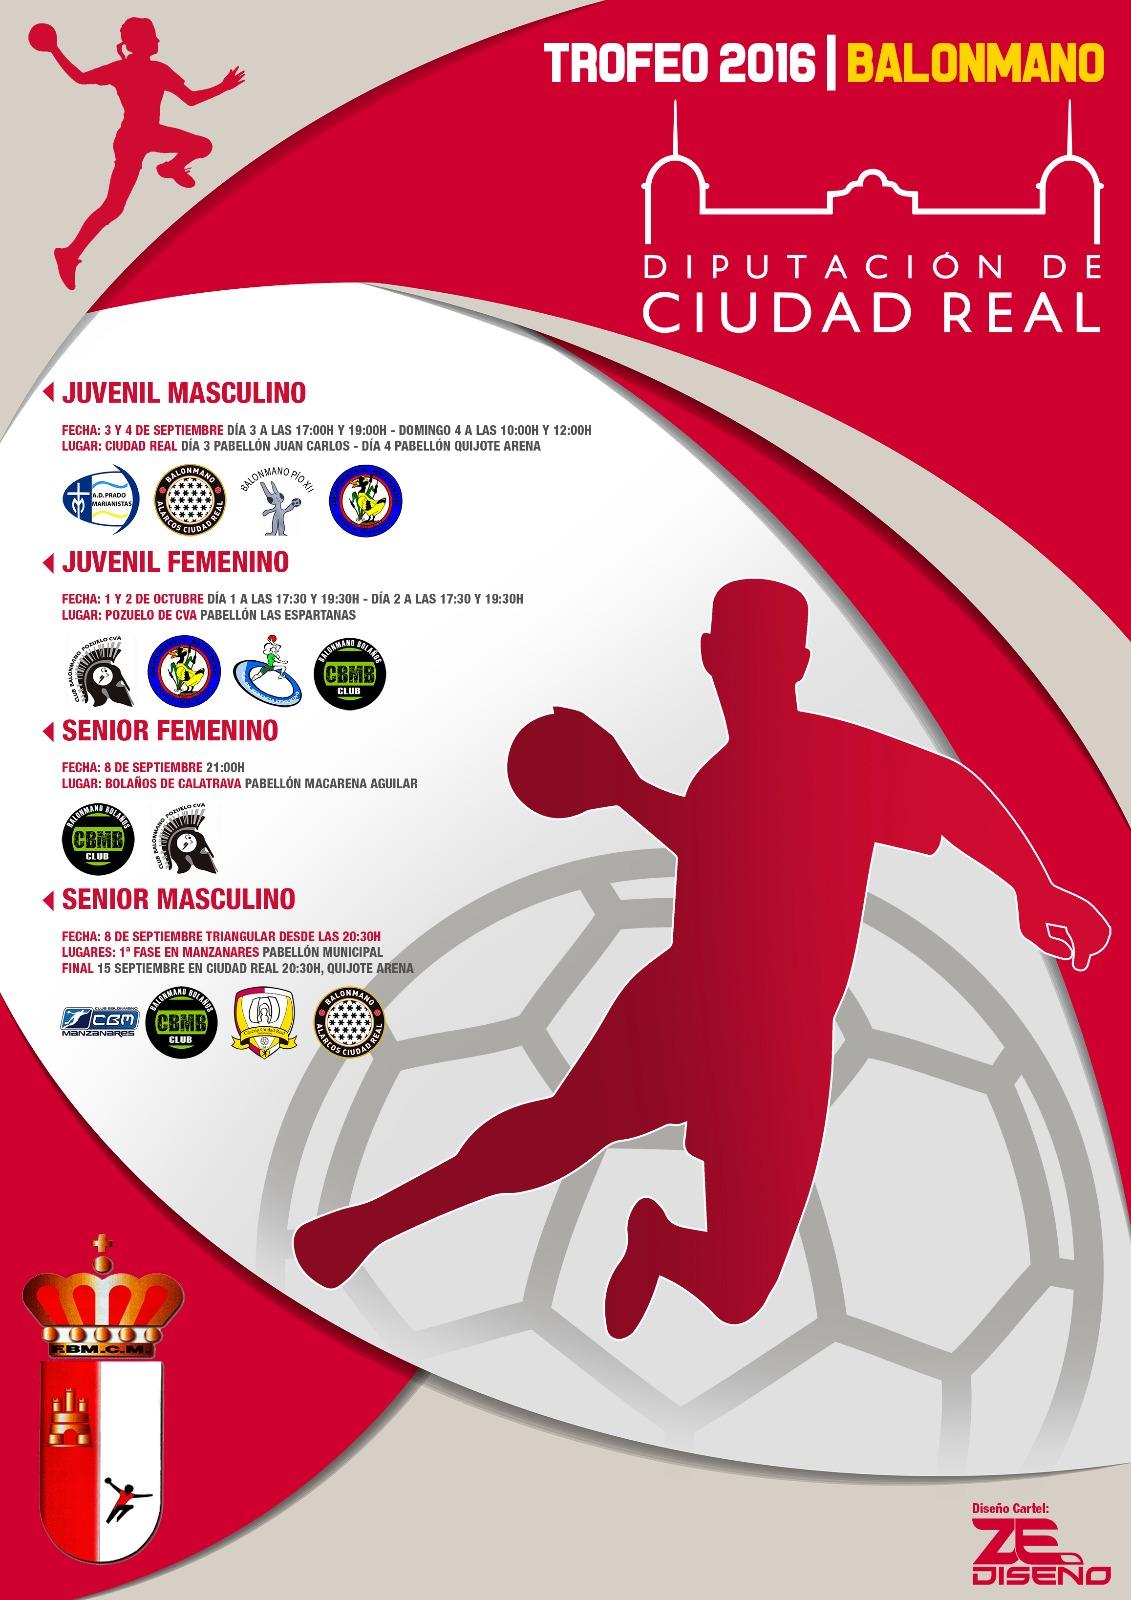 Trofeo Diputación Balonmano